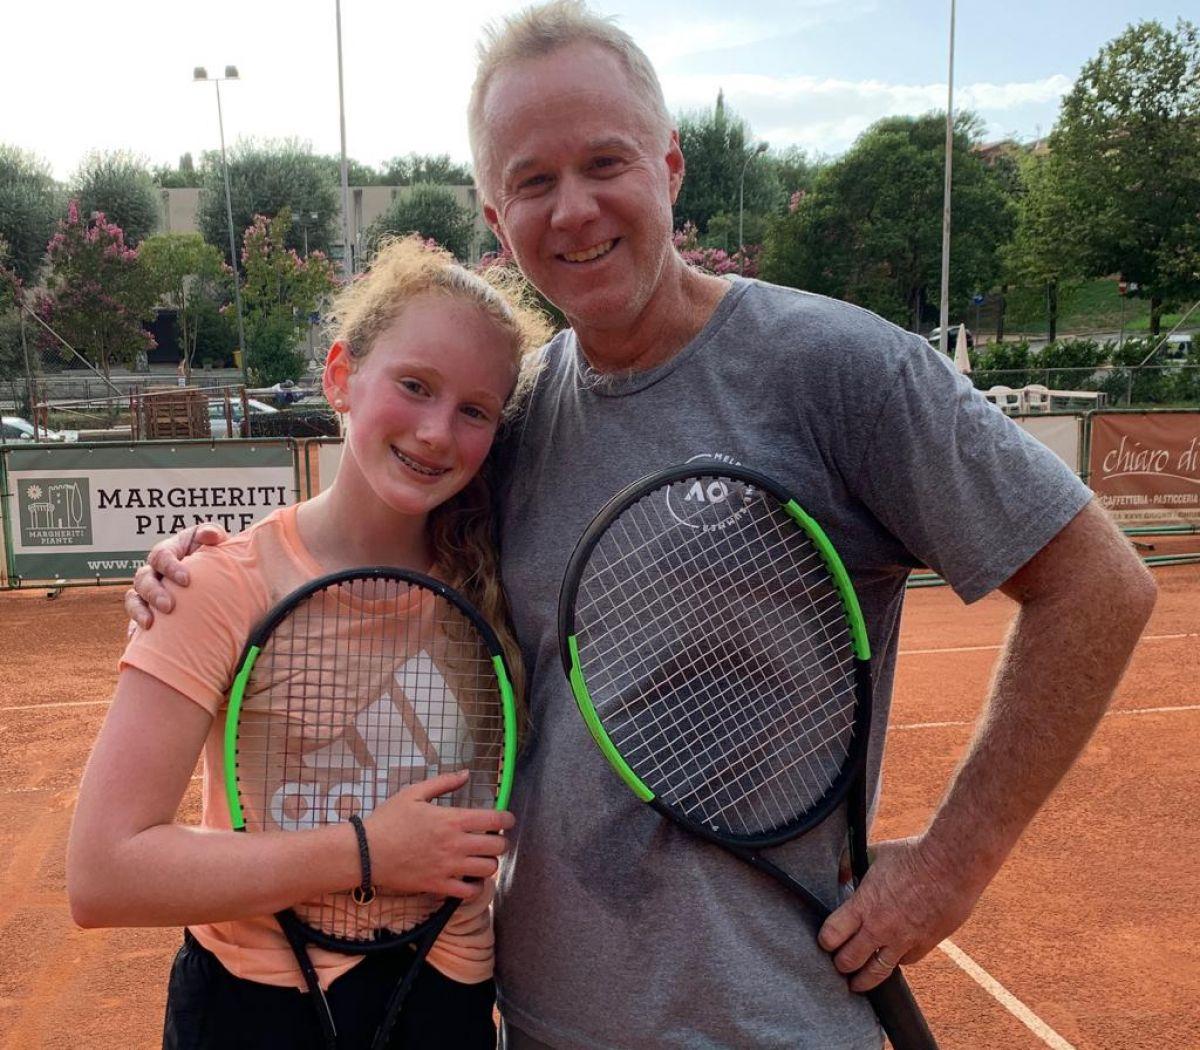 Patrick McEnroe al Ct Chiusi con la figlia Victoria